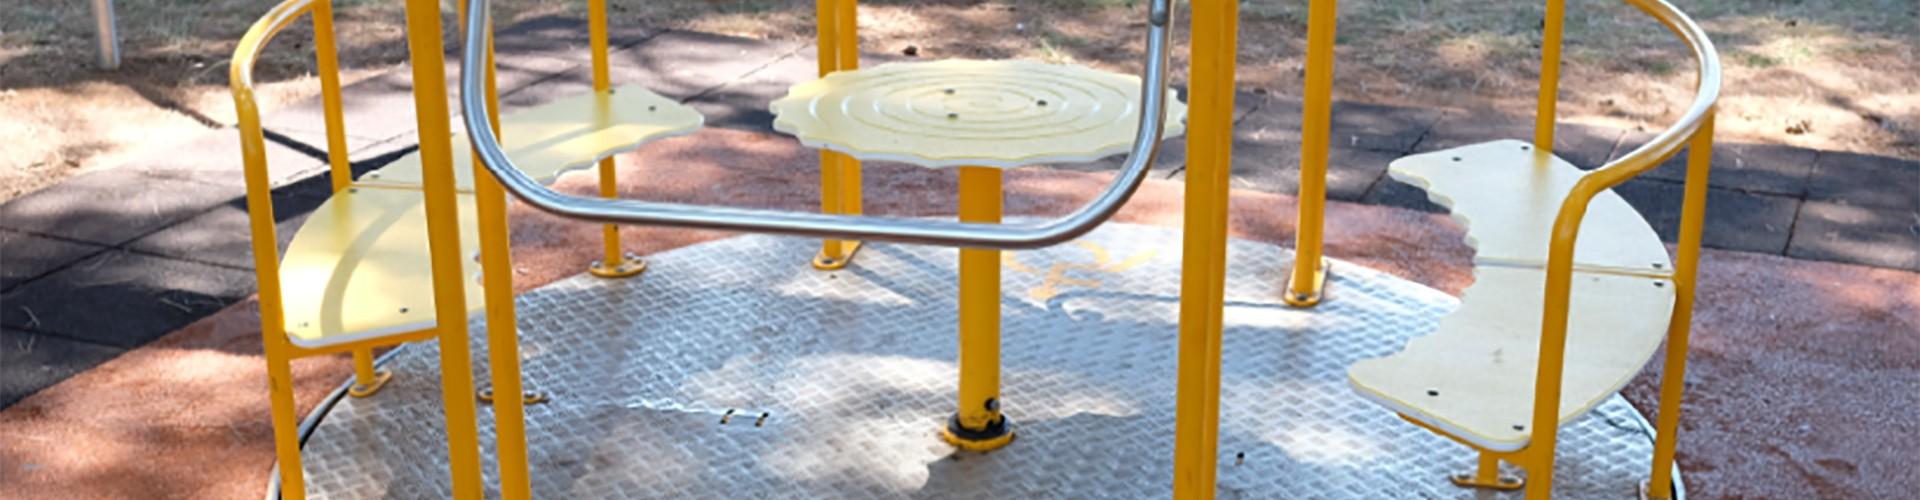 Ein gelbes Kinderkarussell. Der Boden ist Riffelblech. Vor uns und auf der Hinterseite ist ein Rollstuhlplatz, zurückgehalten werden die Rollstühle durch Metallbügel.